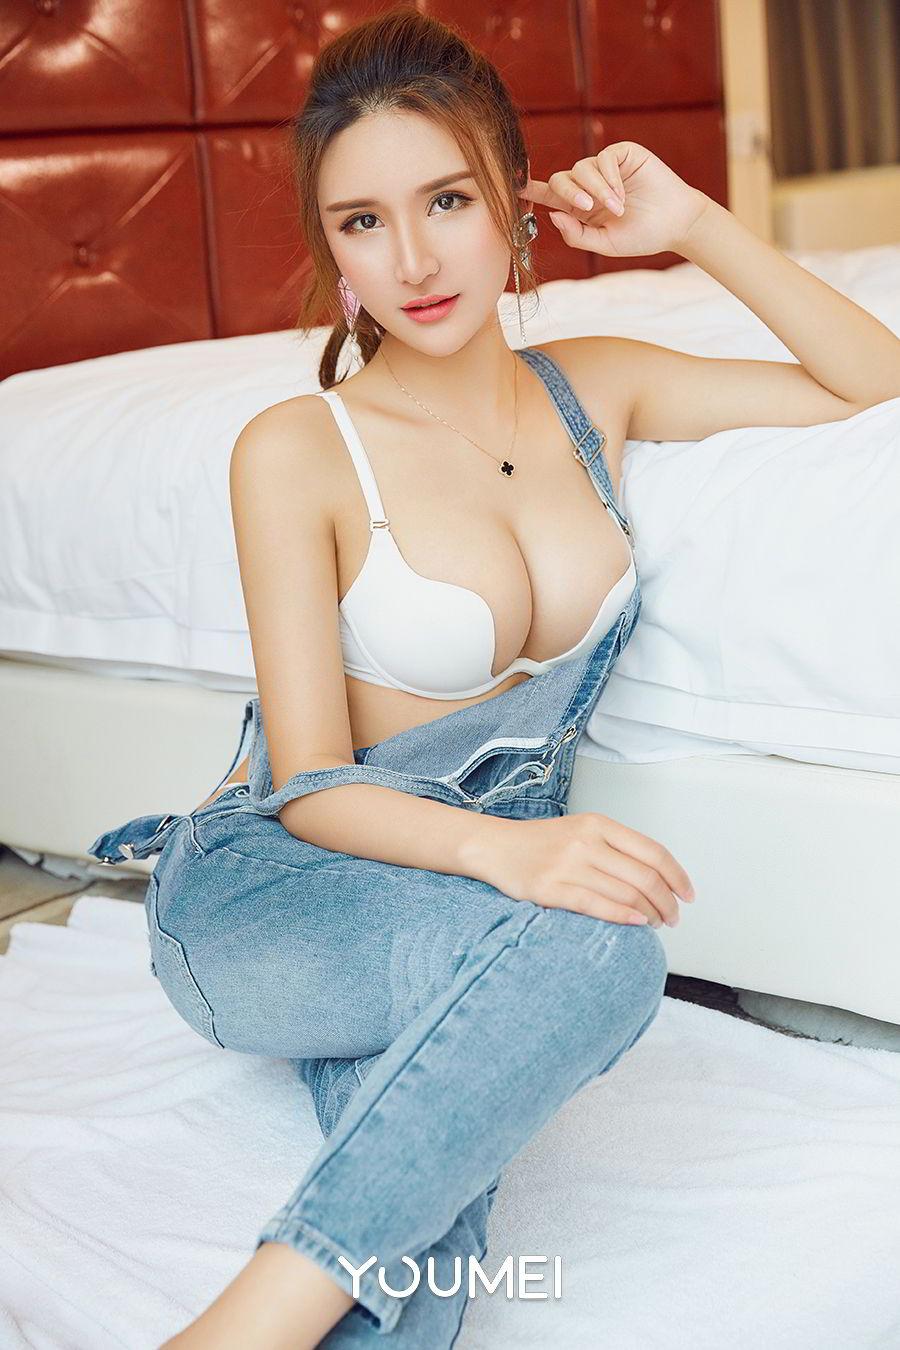 [Youmei] Vol.084 Solo Yi Fei - Hotgirl.biz